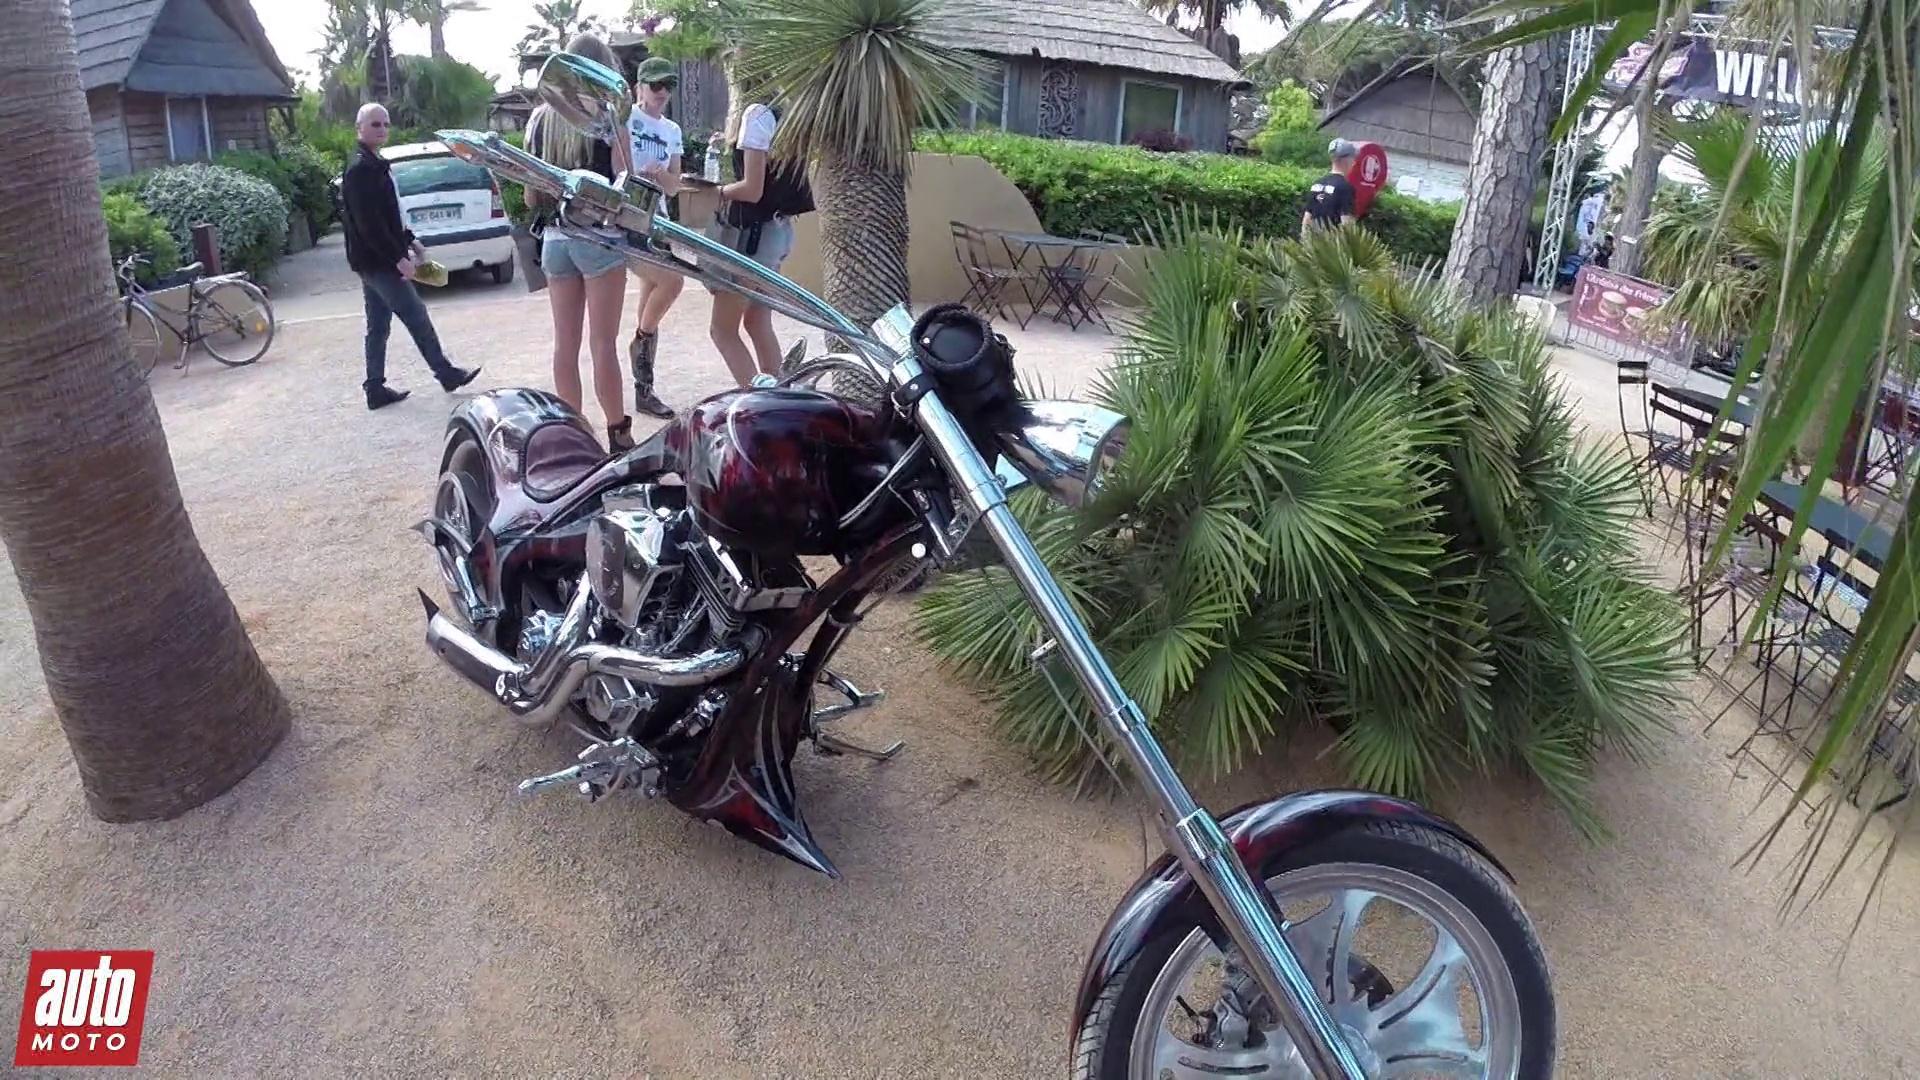 Harley Davidson - Euro Festival St Tropez 2015 : Visite guidée avec AutoMoto